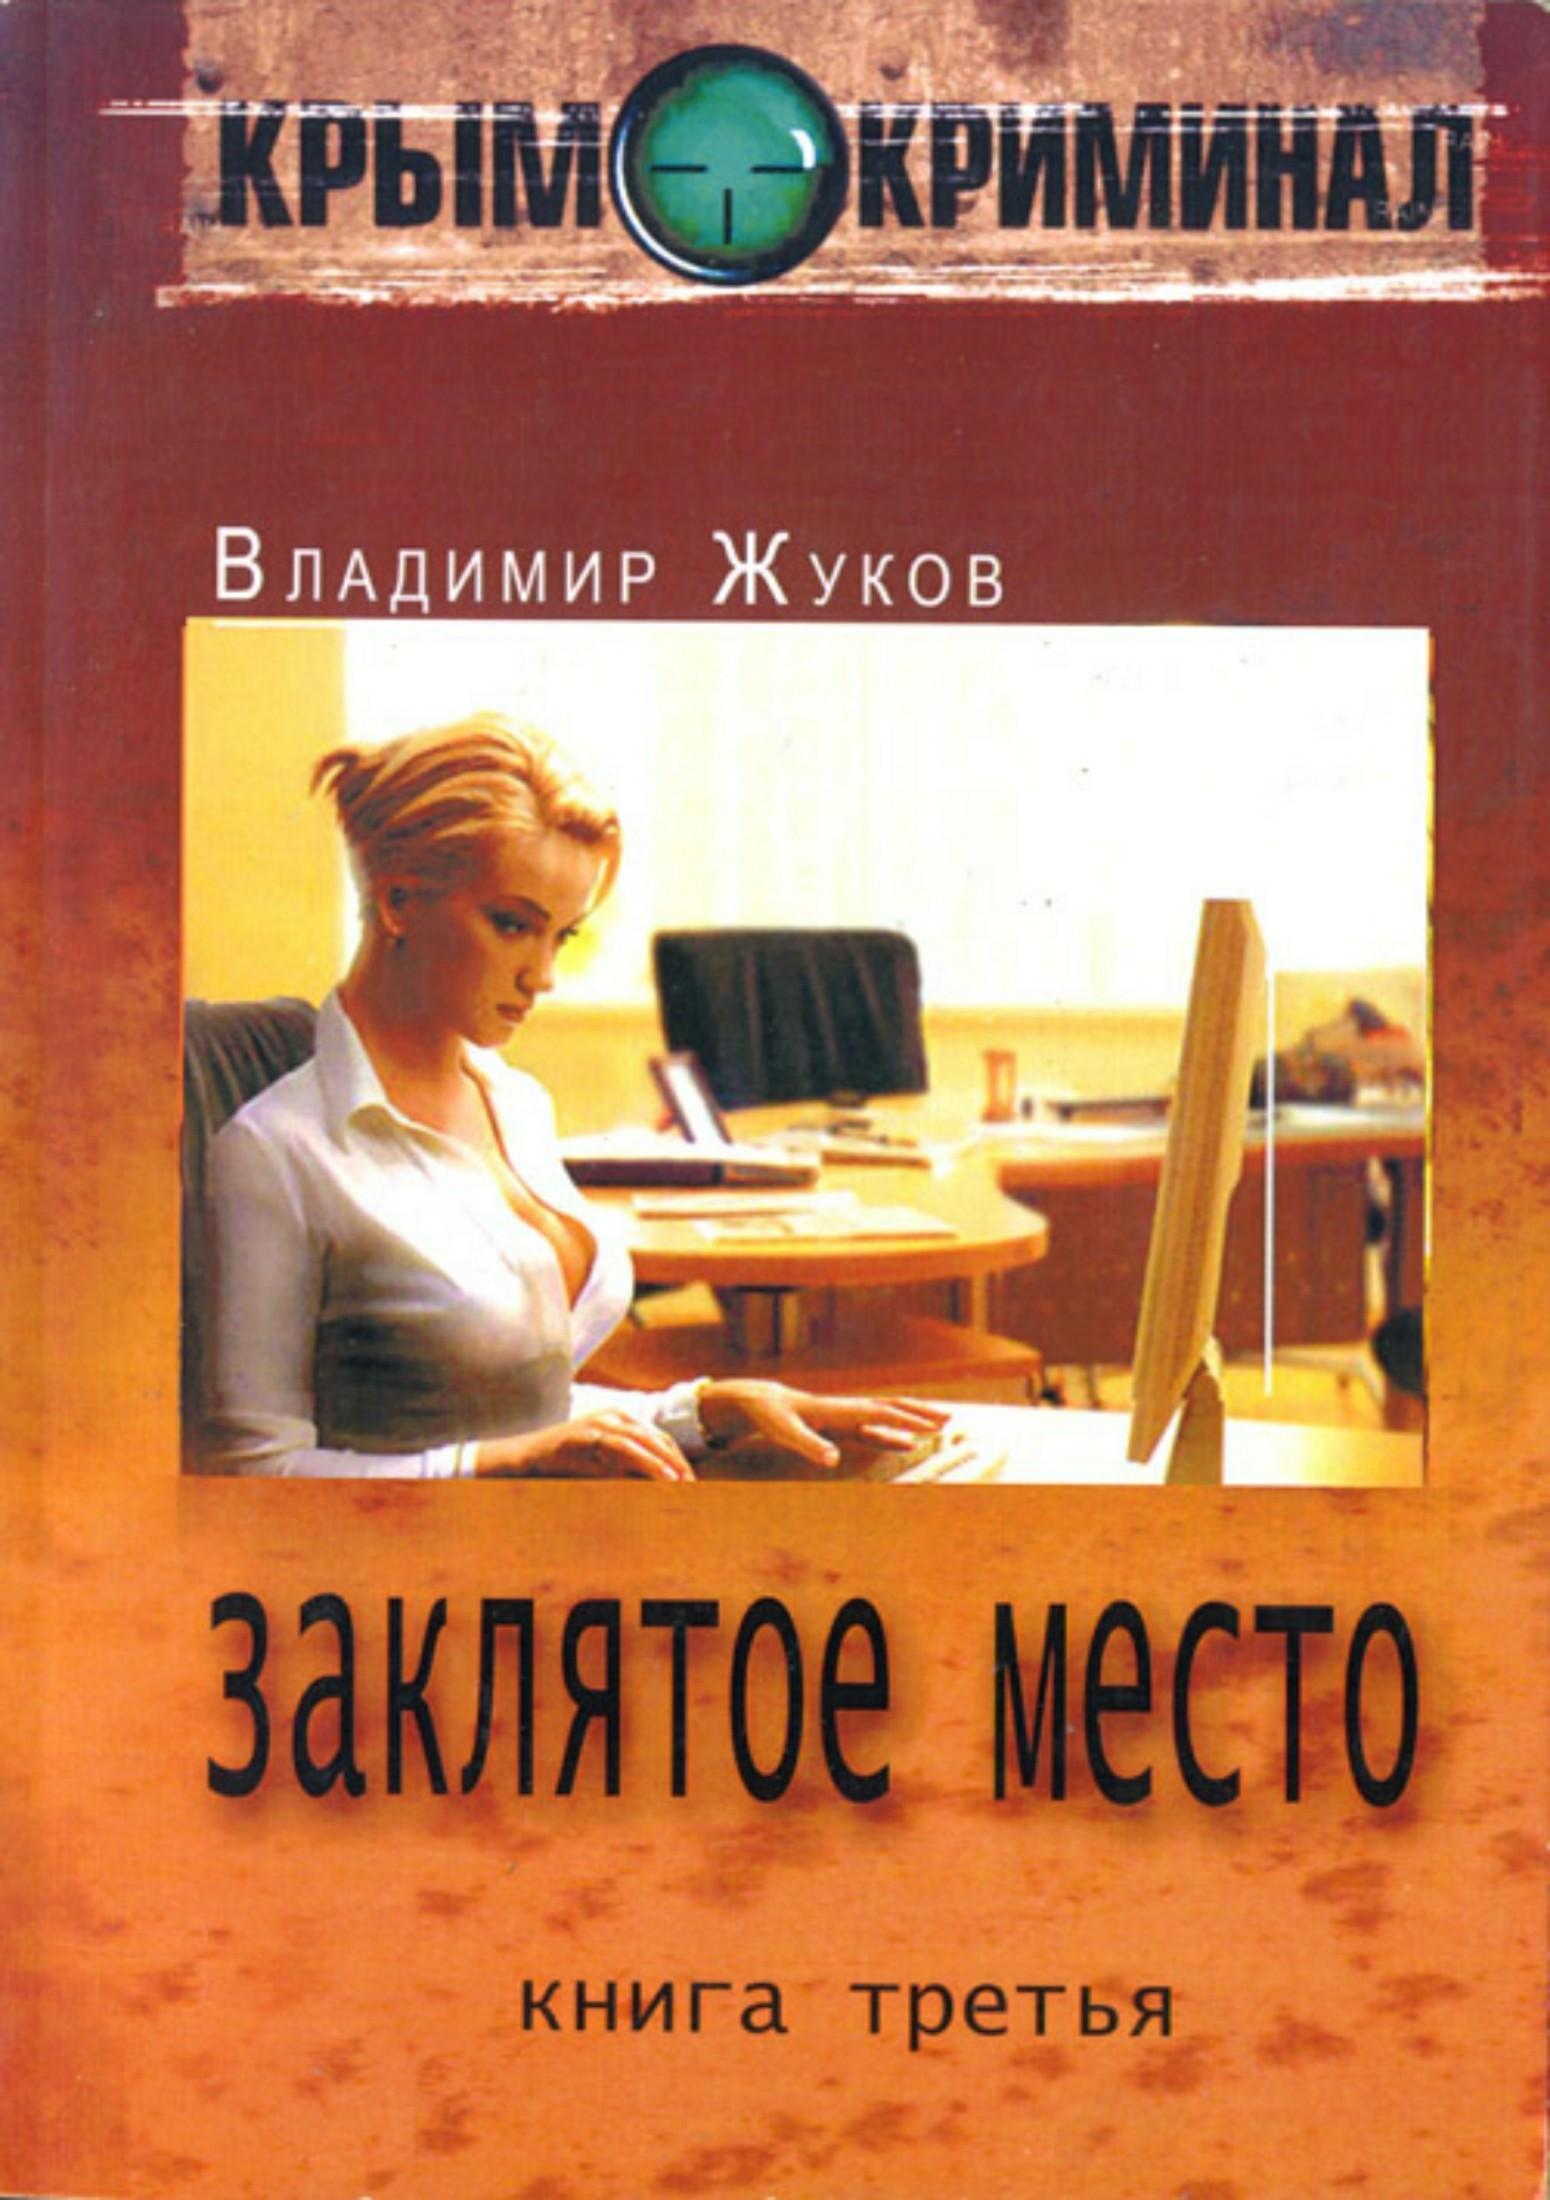 Владимир Александрович Жуков. Крым-криминал. Книга 3. Заклятое место